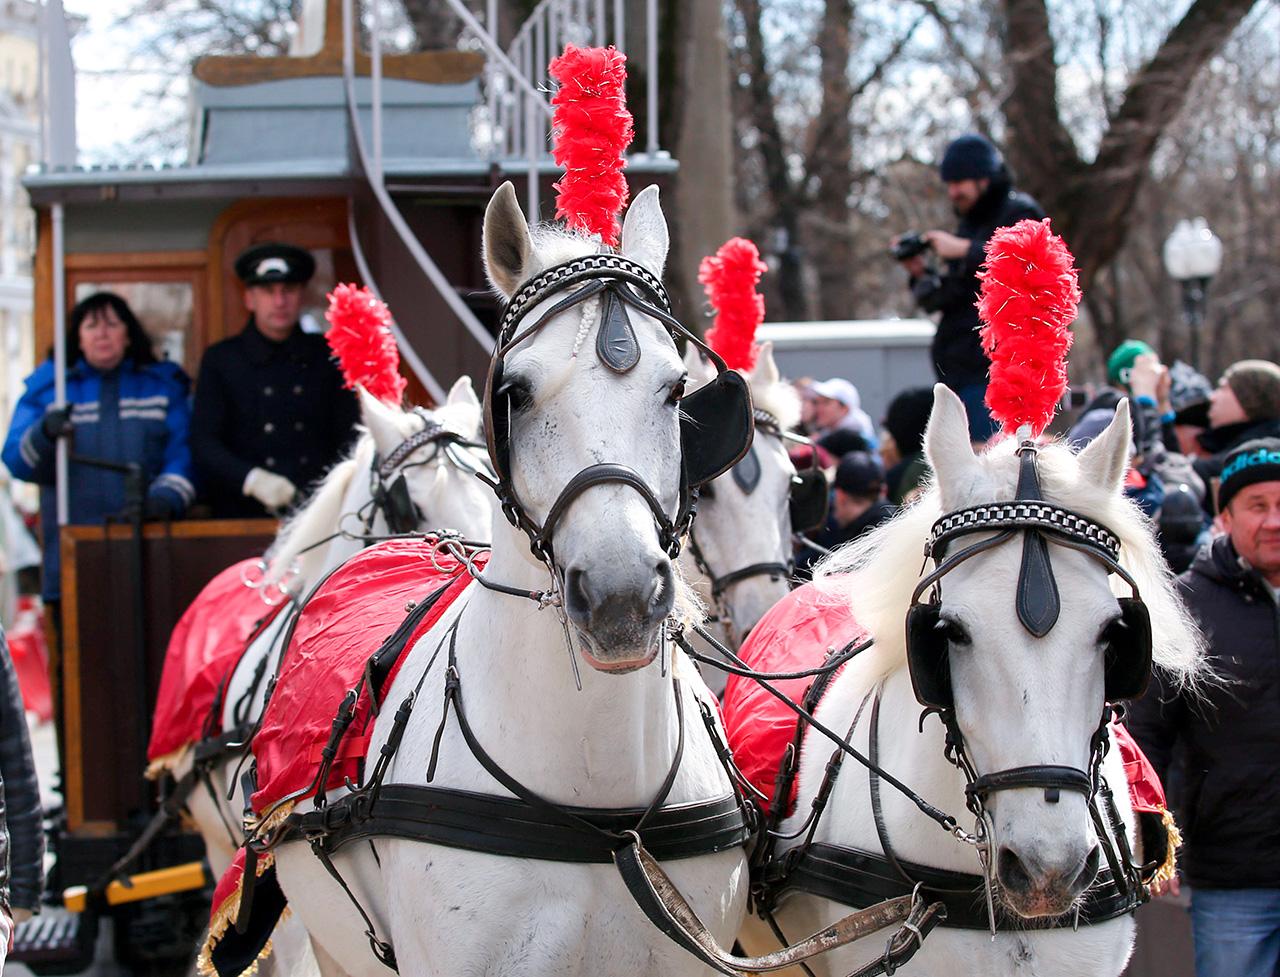 La première ligne de tramways pour passagers, tirée par des chevaux, fut inaugurée dans la capitale russe en 1872 et était conçue pour faciliter les déplacements des visiteurs de l'exposition polytechnique. Les wagons avaient été achetés en Angleterre. Avant cela, les Moscovites se déplaçaient à pied, employaient des voituriers ou bien utilisaient des calèches à plusieurs places (surnommées « linieïki »).